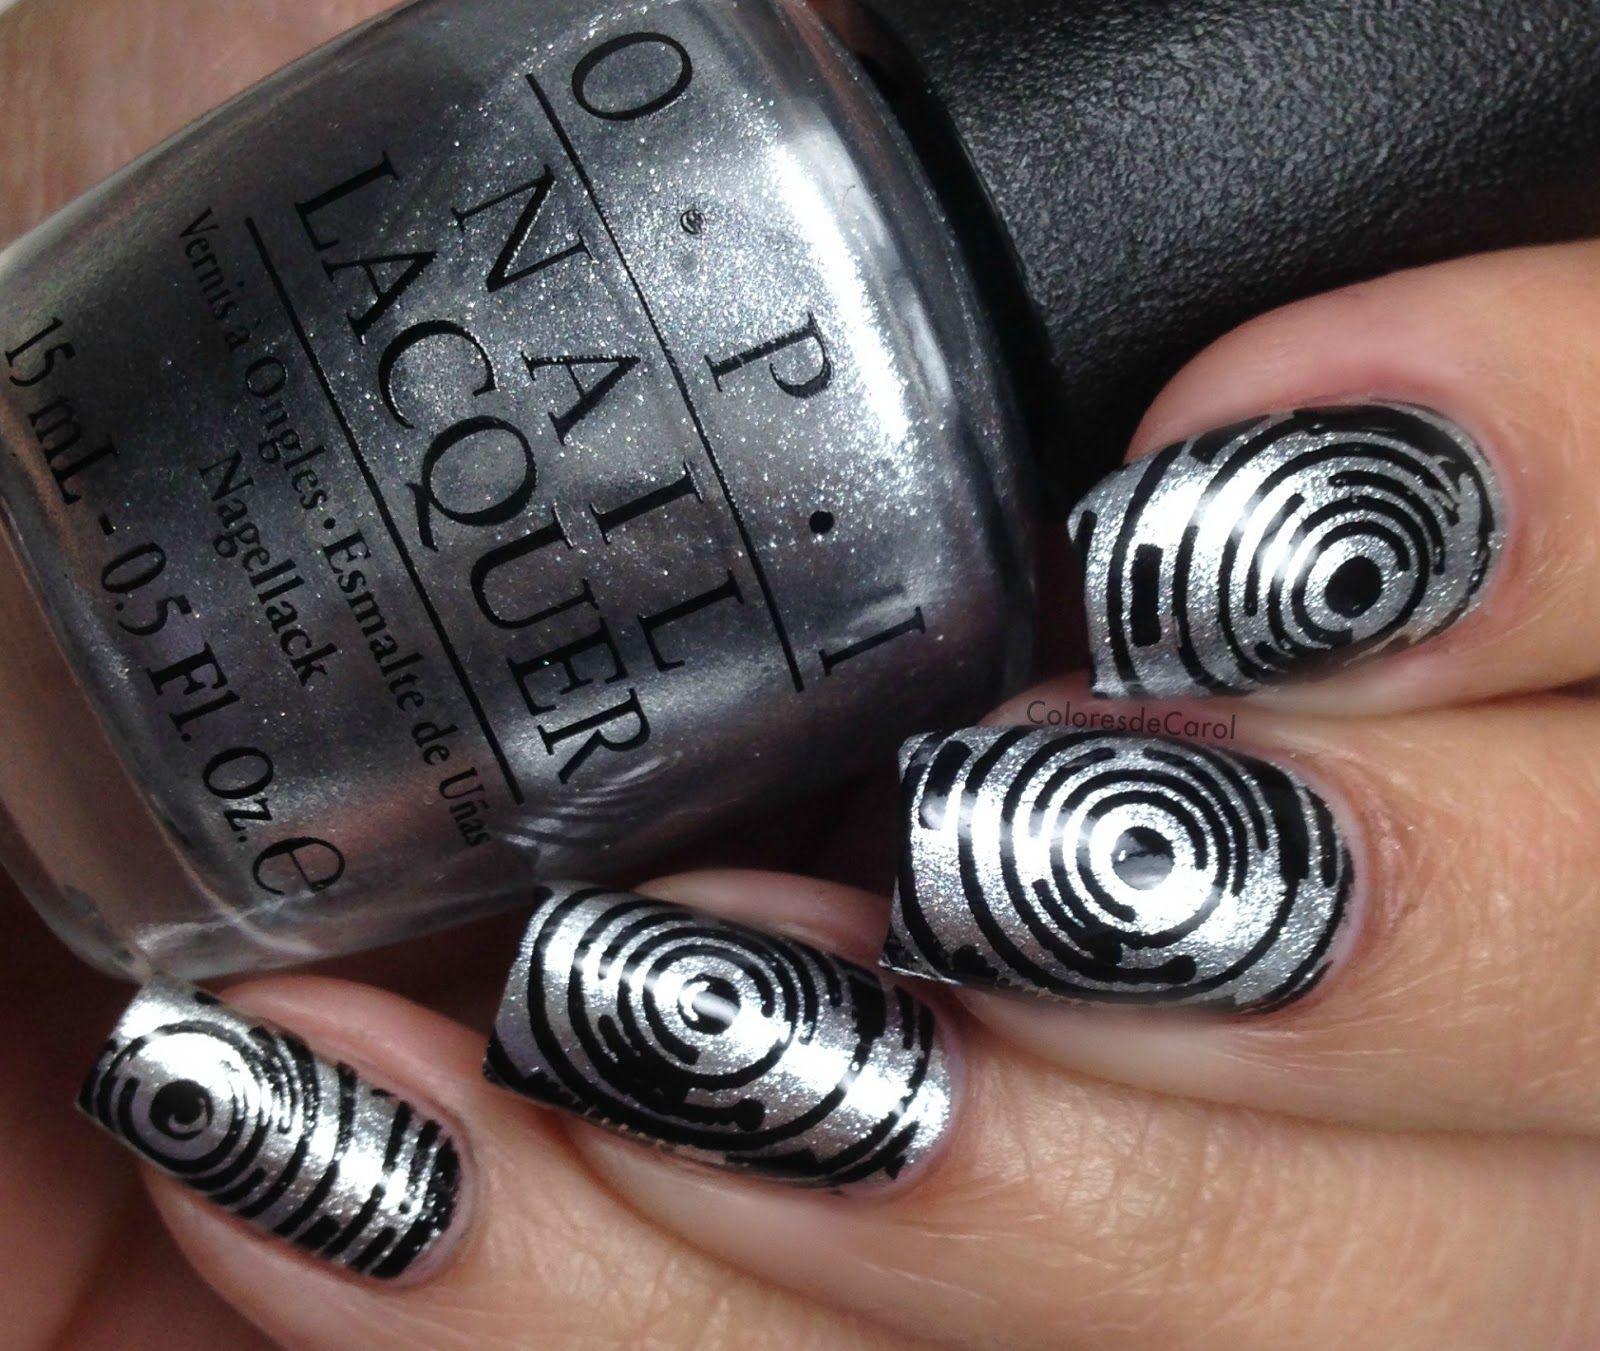 Colores de Carol: OPI Coca Cola Nail Art